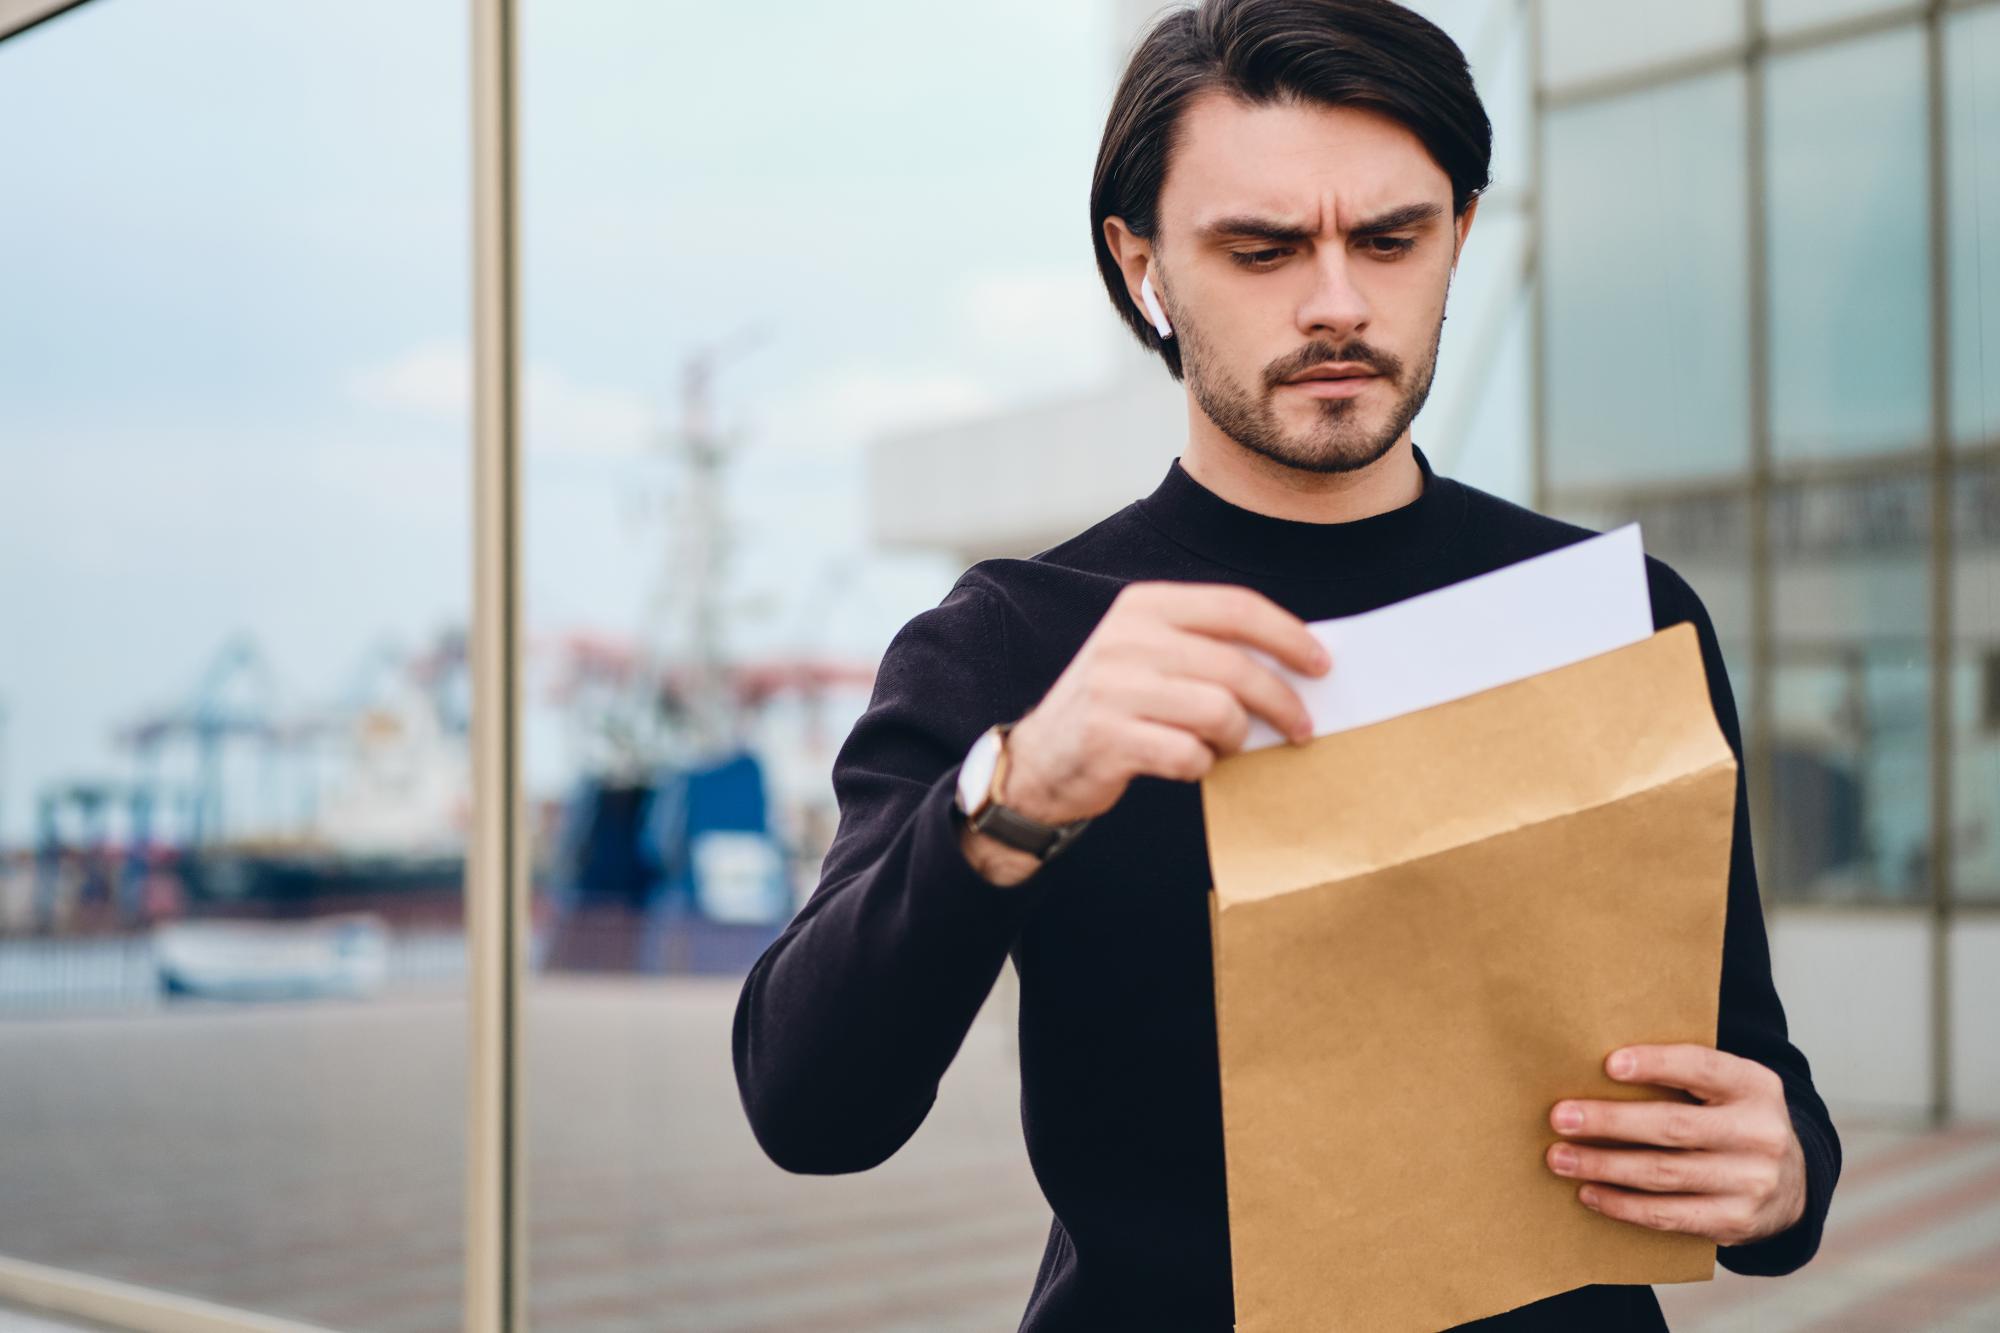 ФНС России напомнила об ответственности за непредоставление информации о бенефициарных владельцах